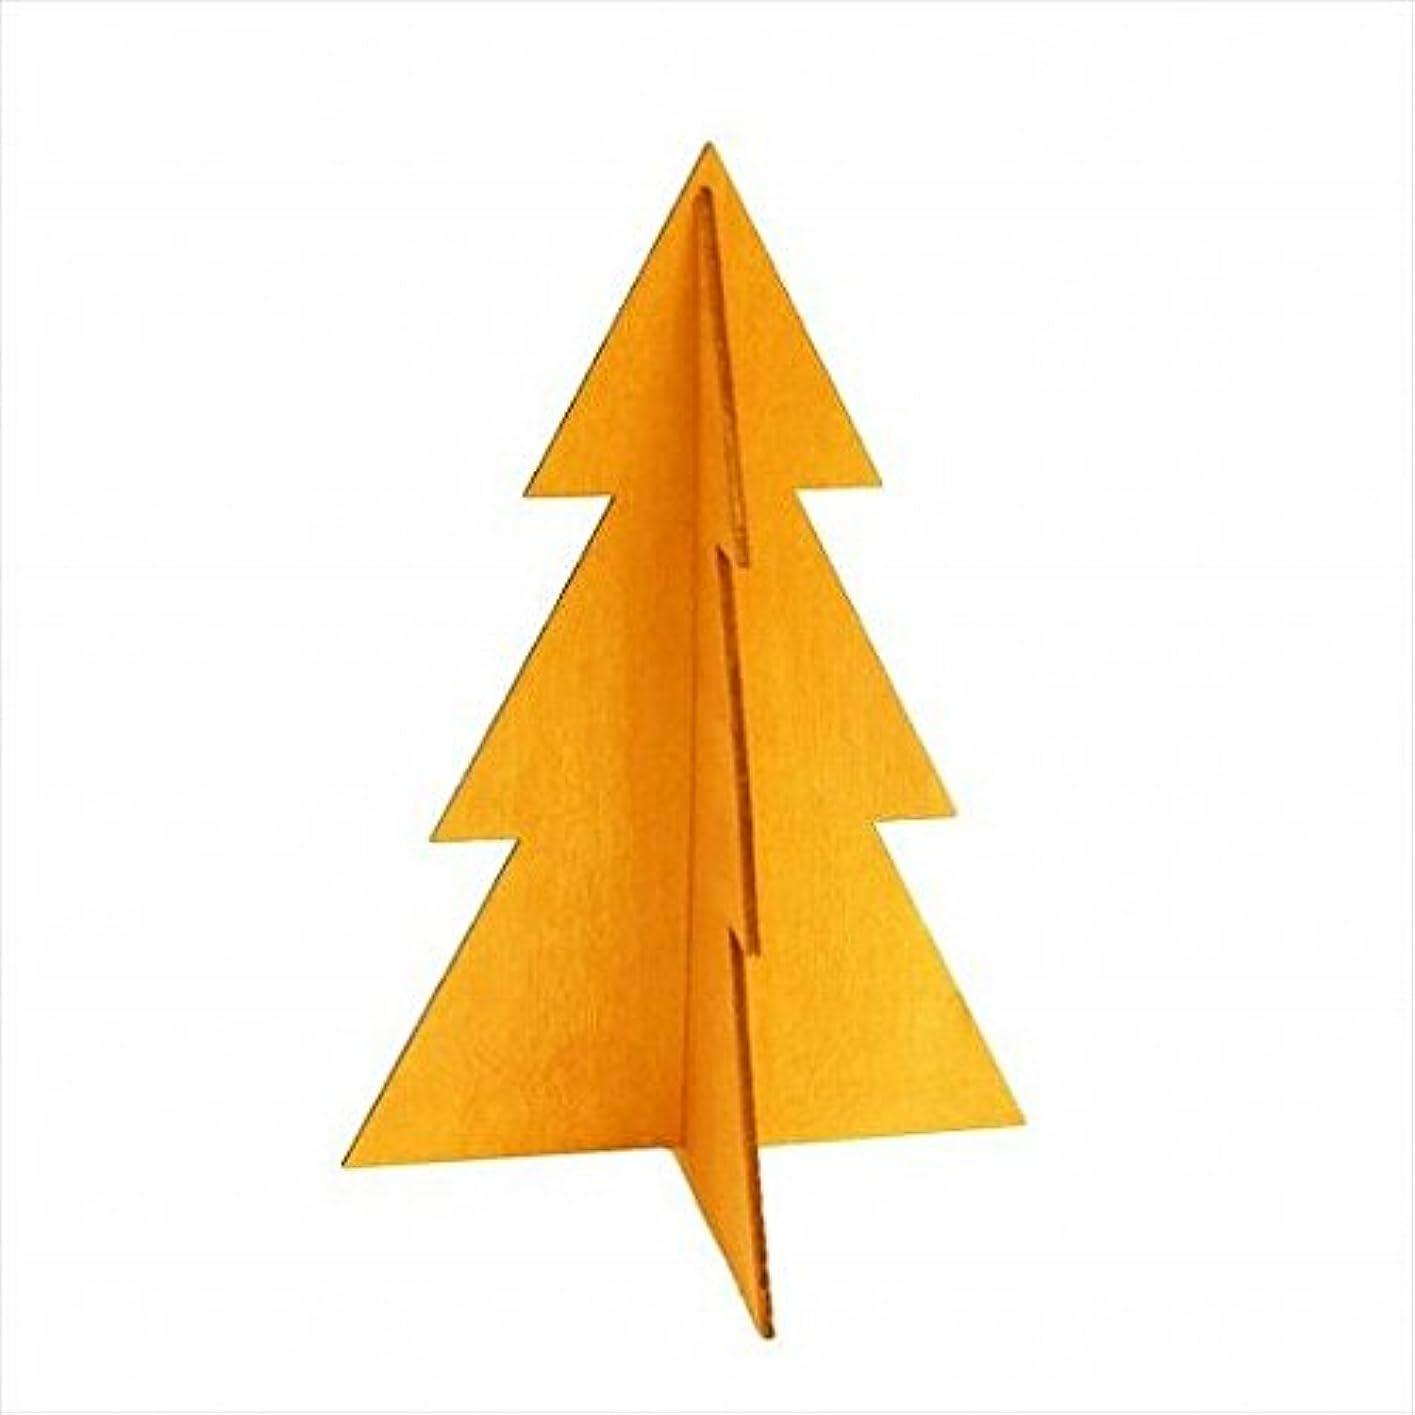 マダム正気統計kameyama candle(カメヤマキャンドル) フェスティブツリーM 「 オレンジ 」 キャンドル 144x144x210mm (I882243009)